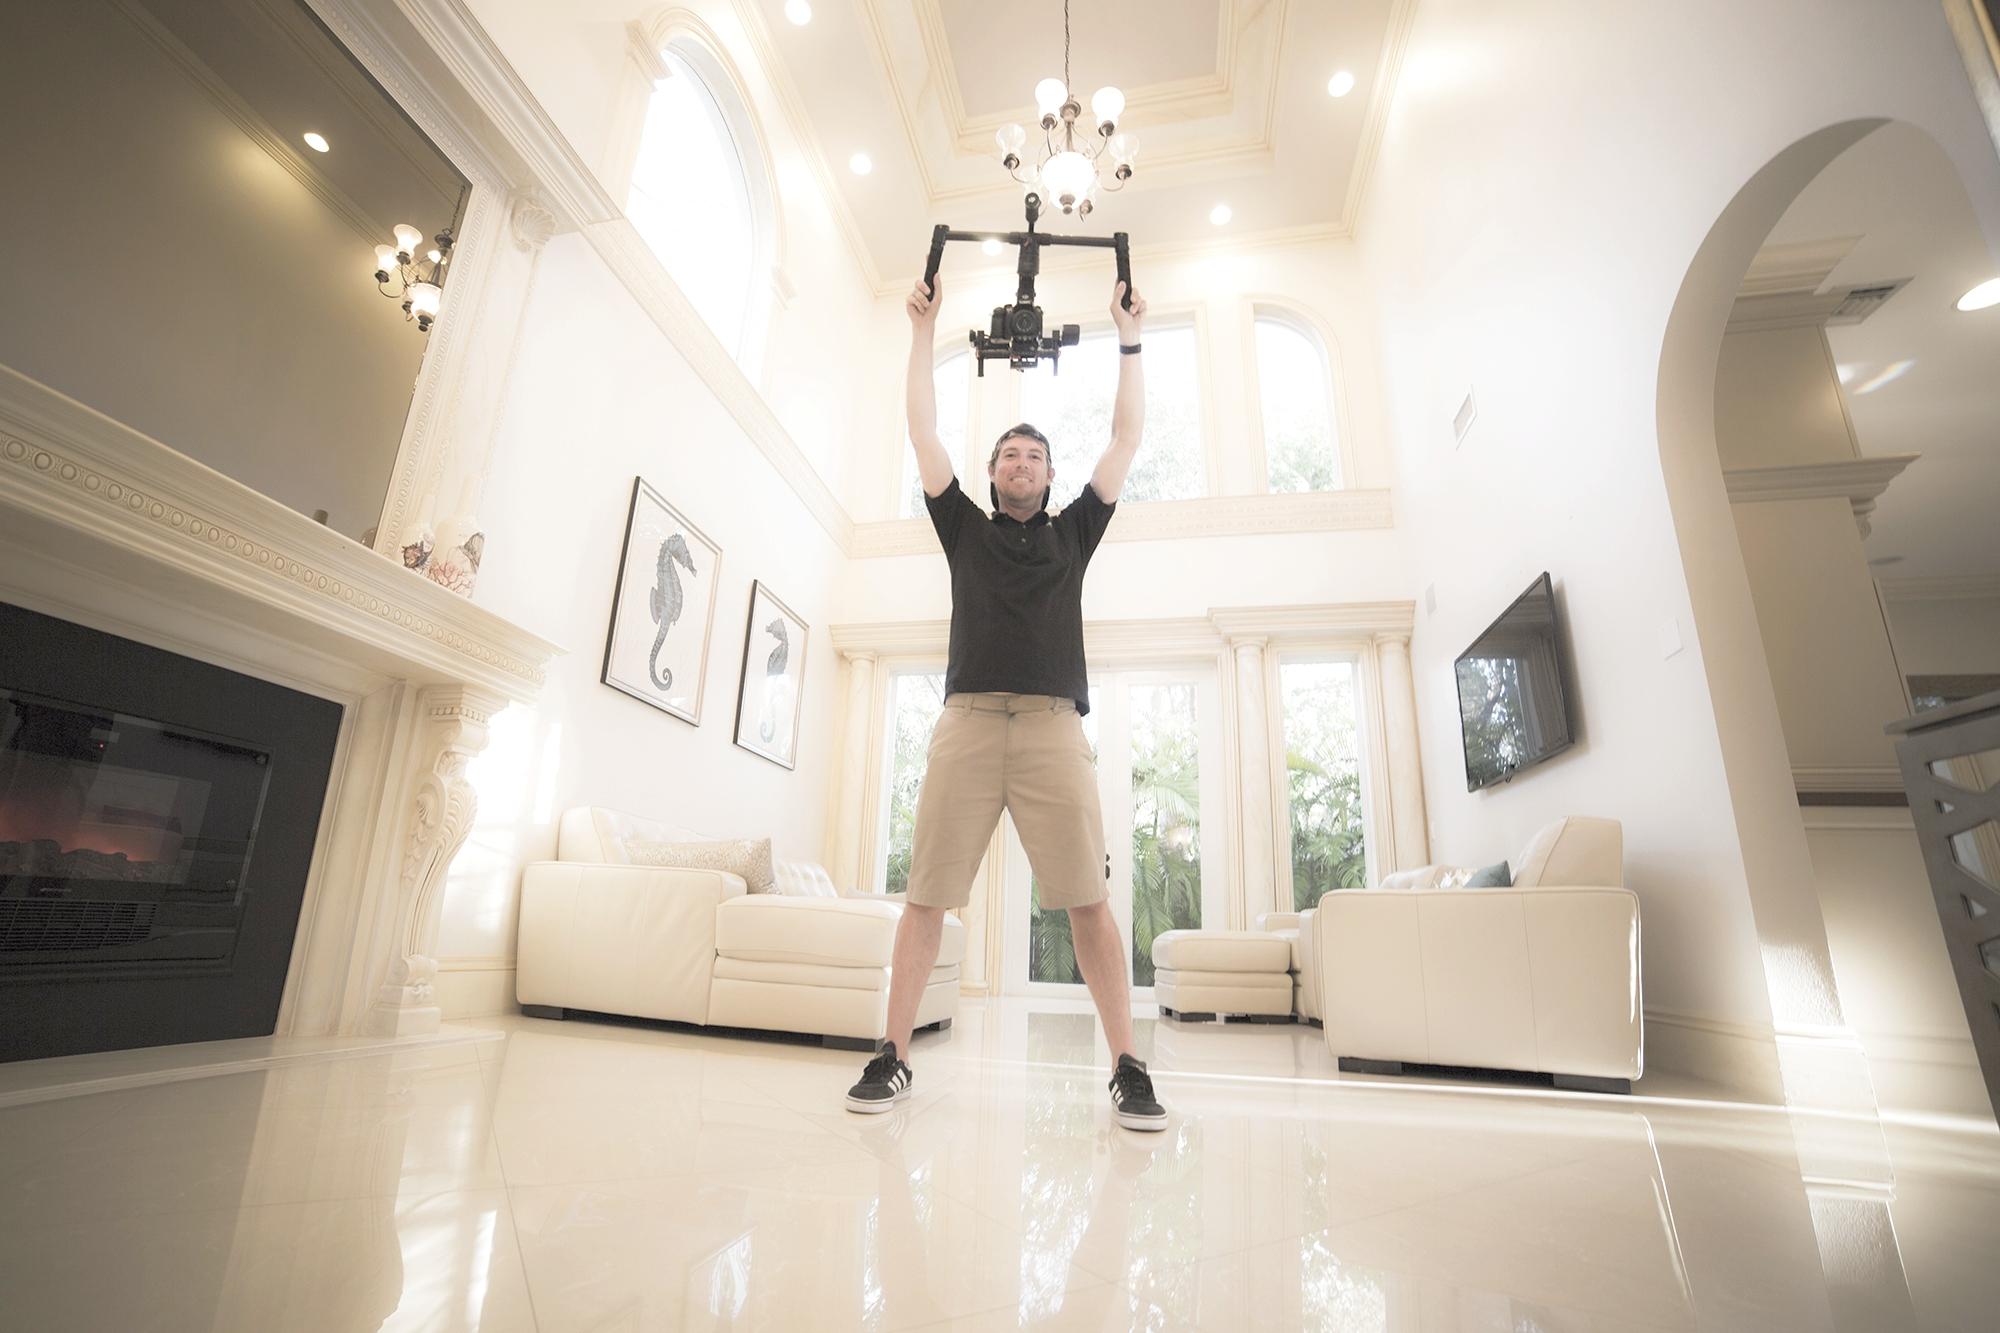 matt filming real estate video.jpg